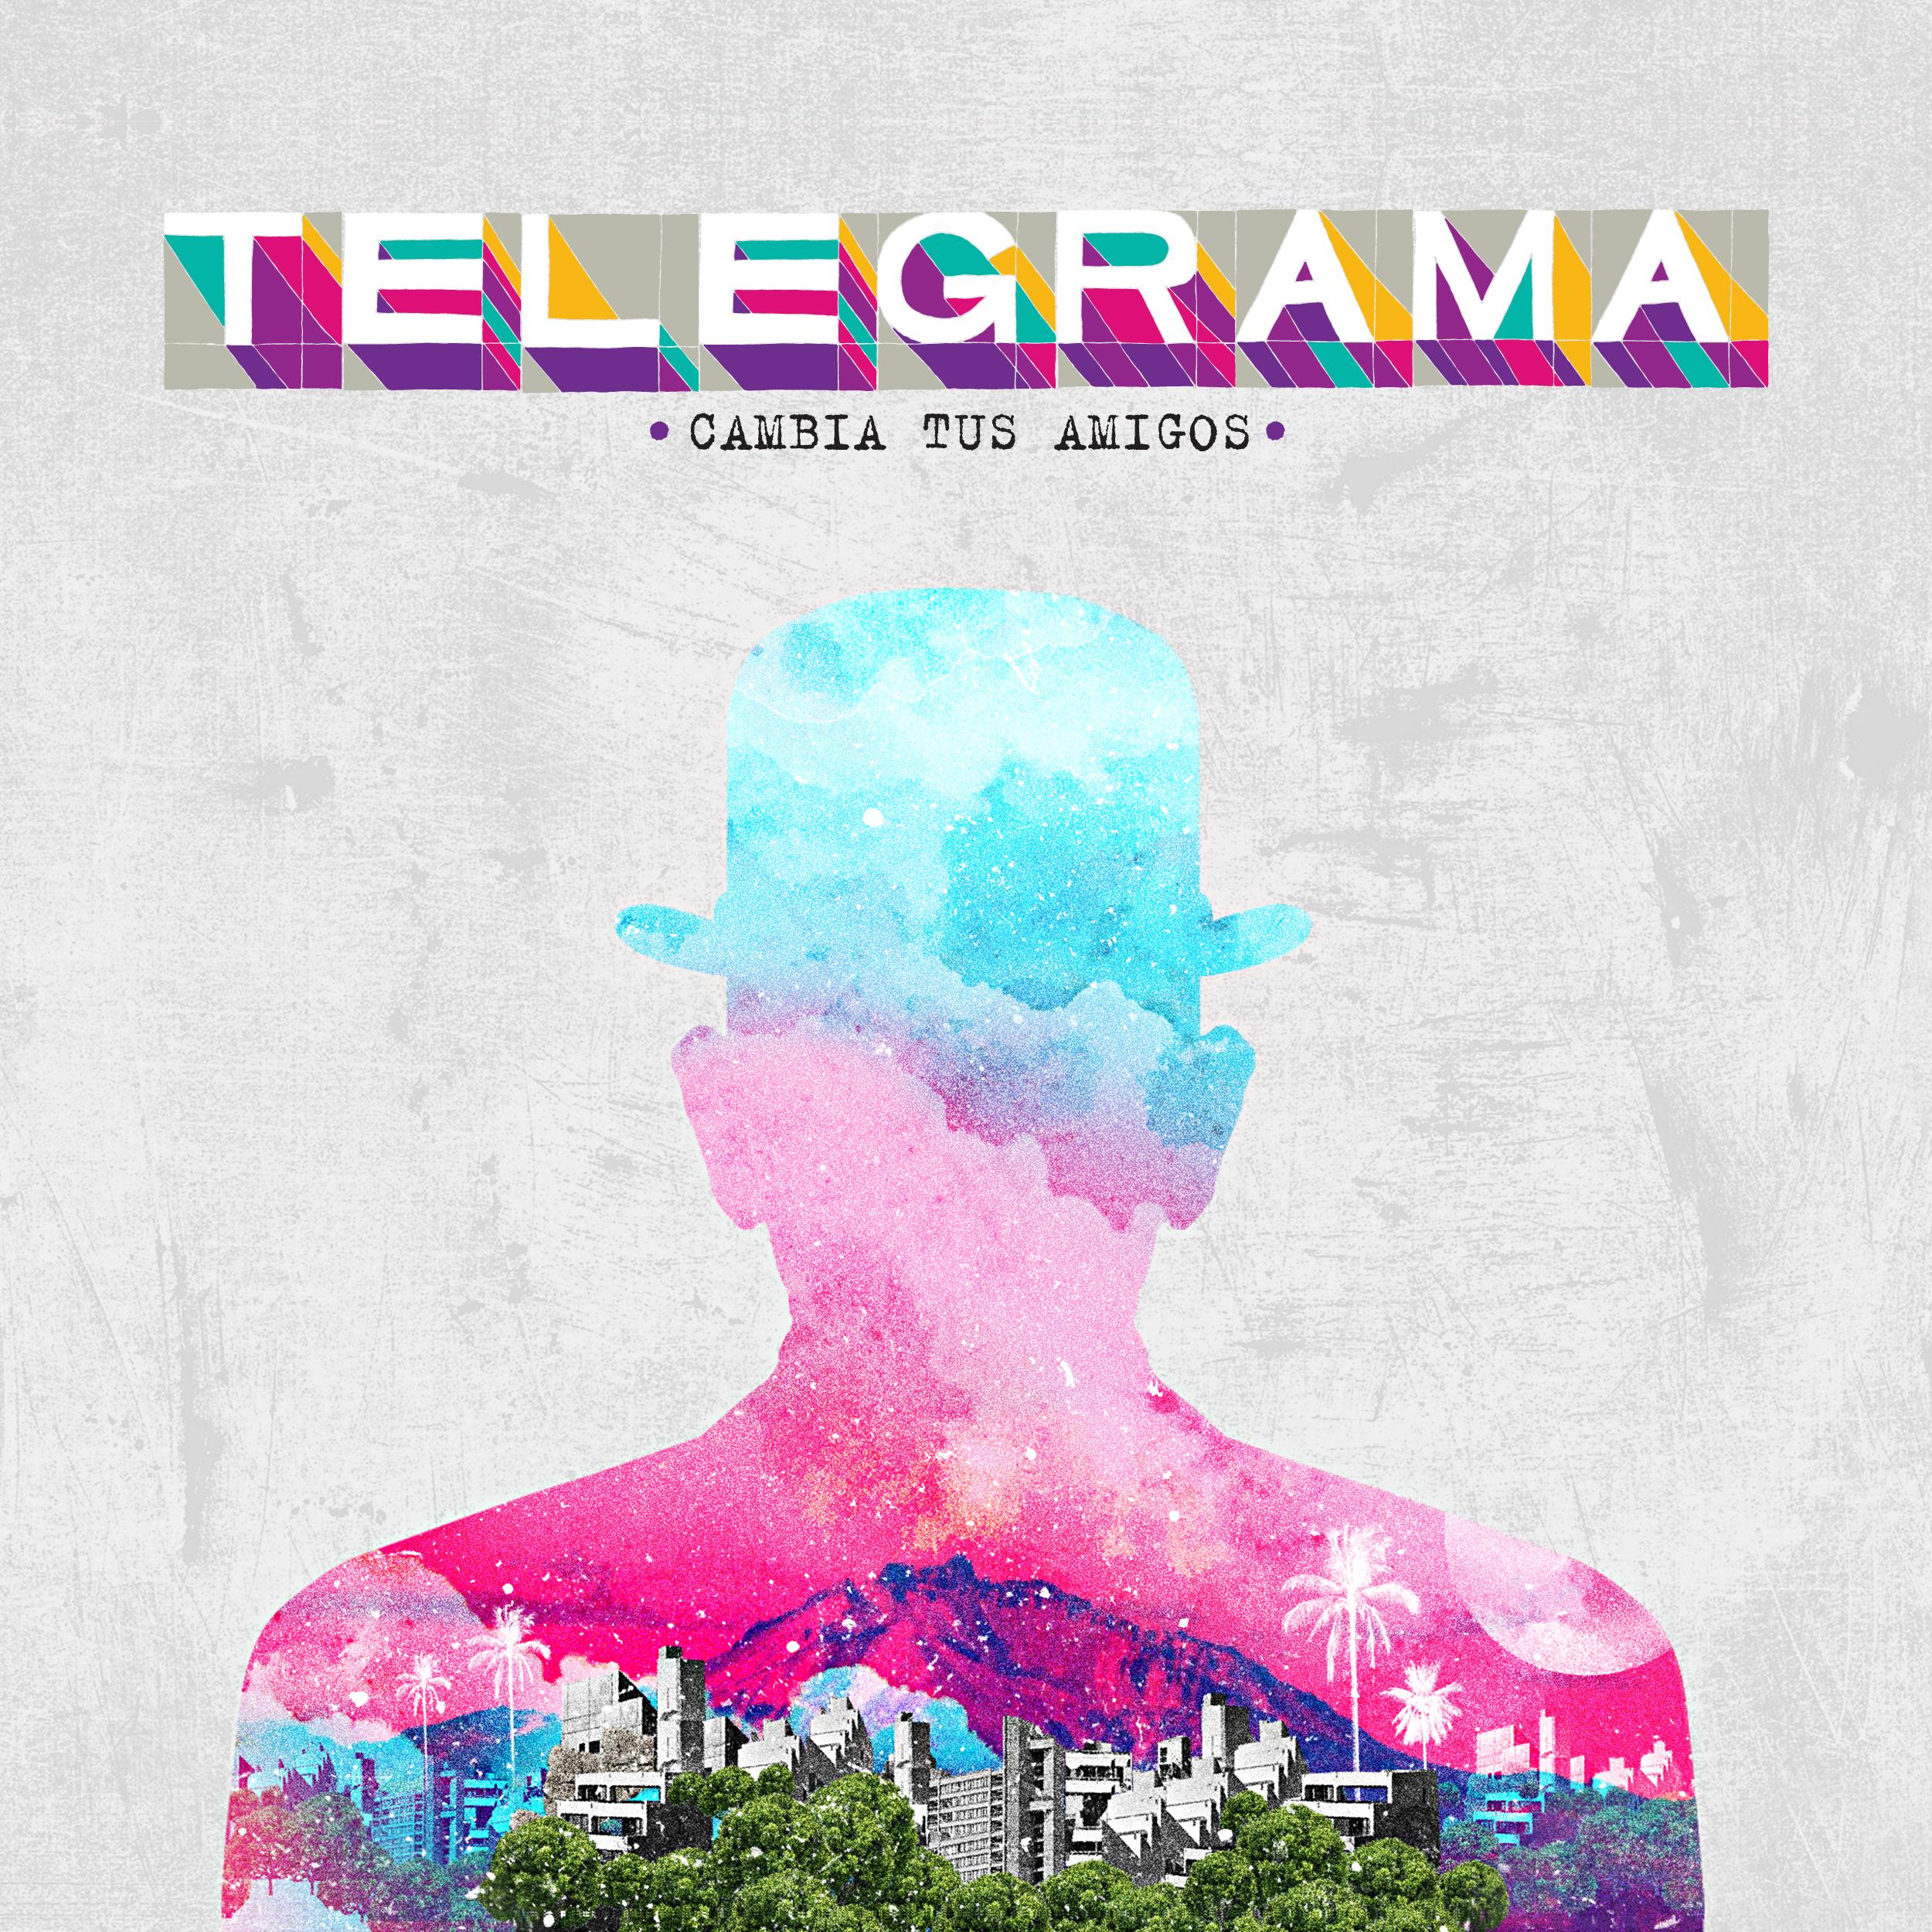 TELEGRAMA_iTunes_2500x2500px